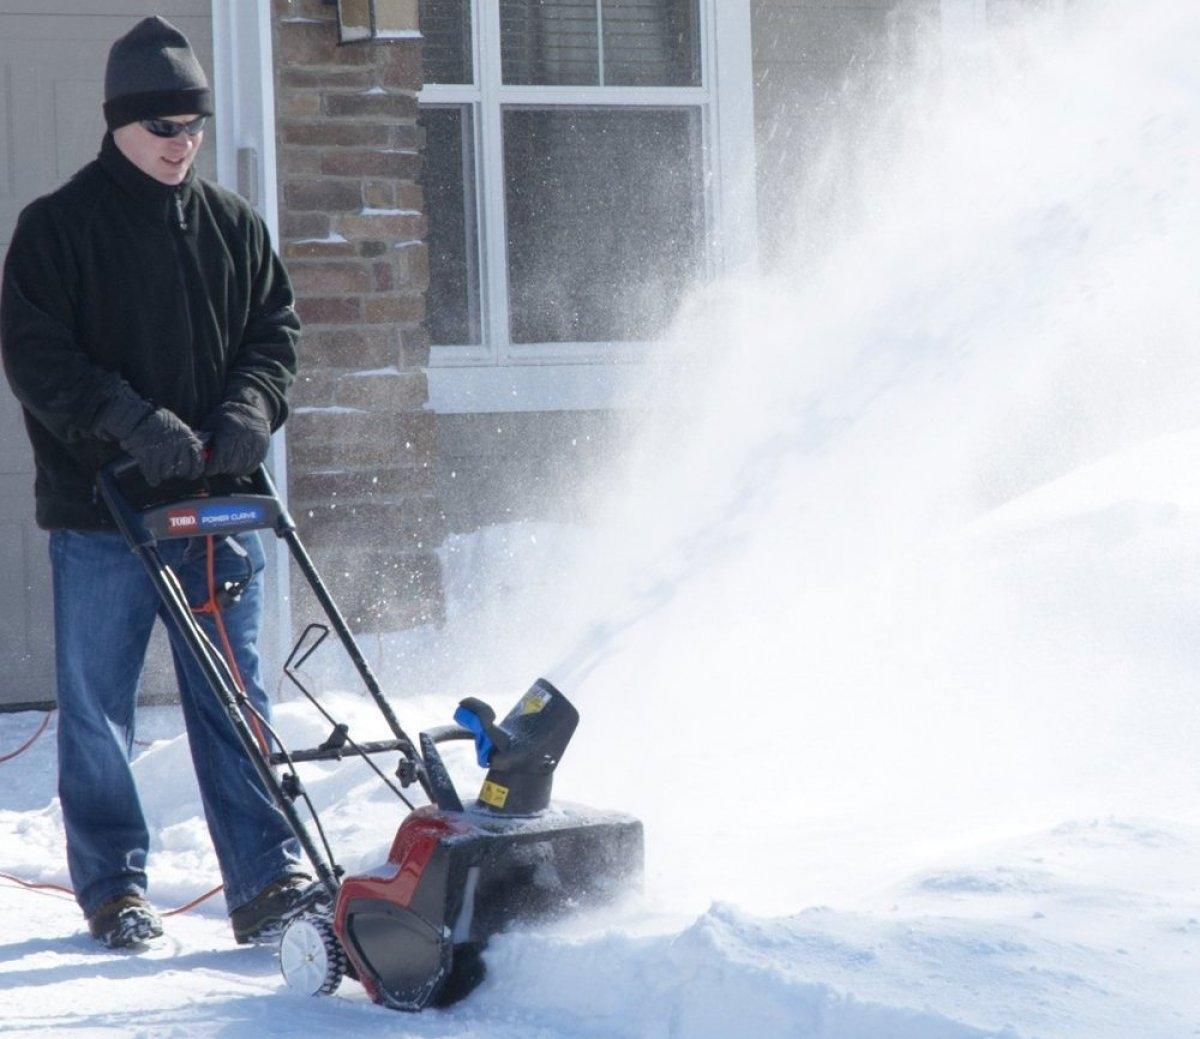 Снегоуборщик для дома и дачи. Сравнение, характеристики и цены снегоуборочной техники